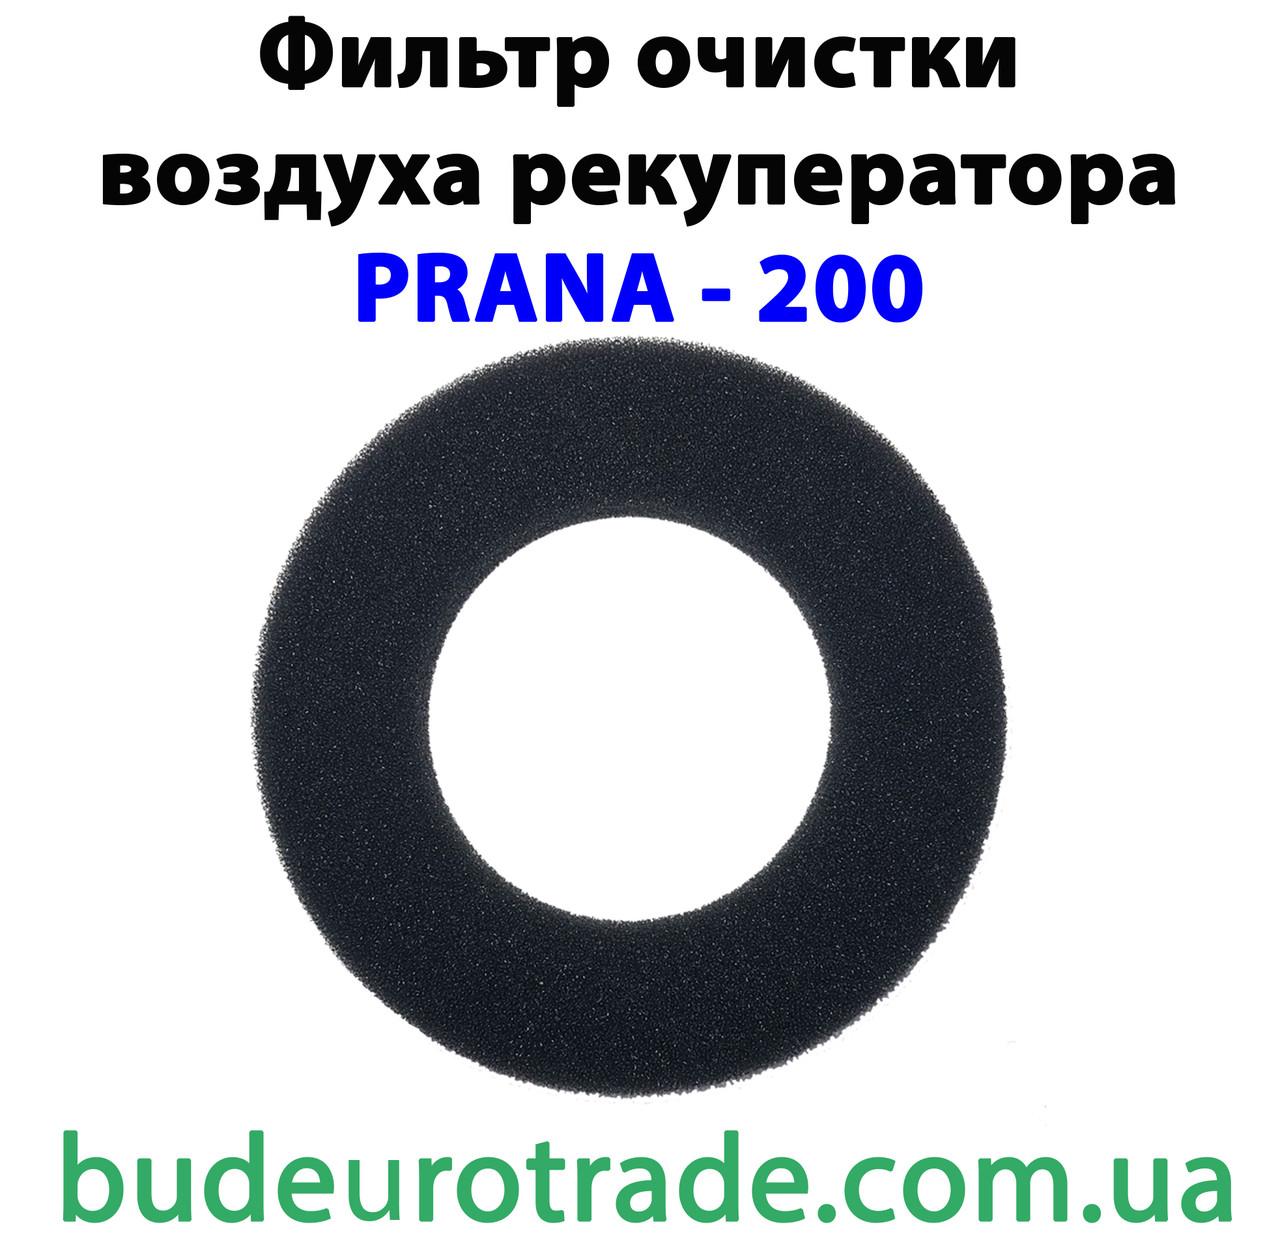 Додатковий багаторазовий фільтр очищення повітря для Рекуператора Prana 200 Клас G2